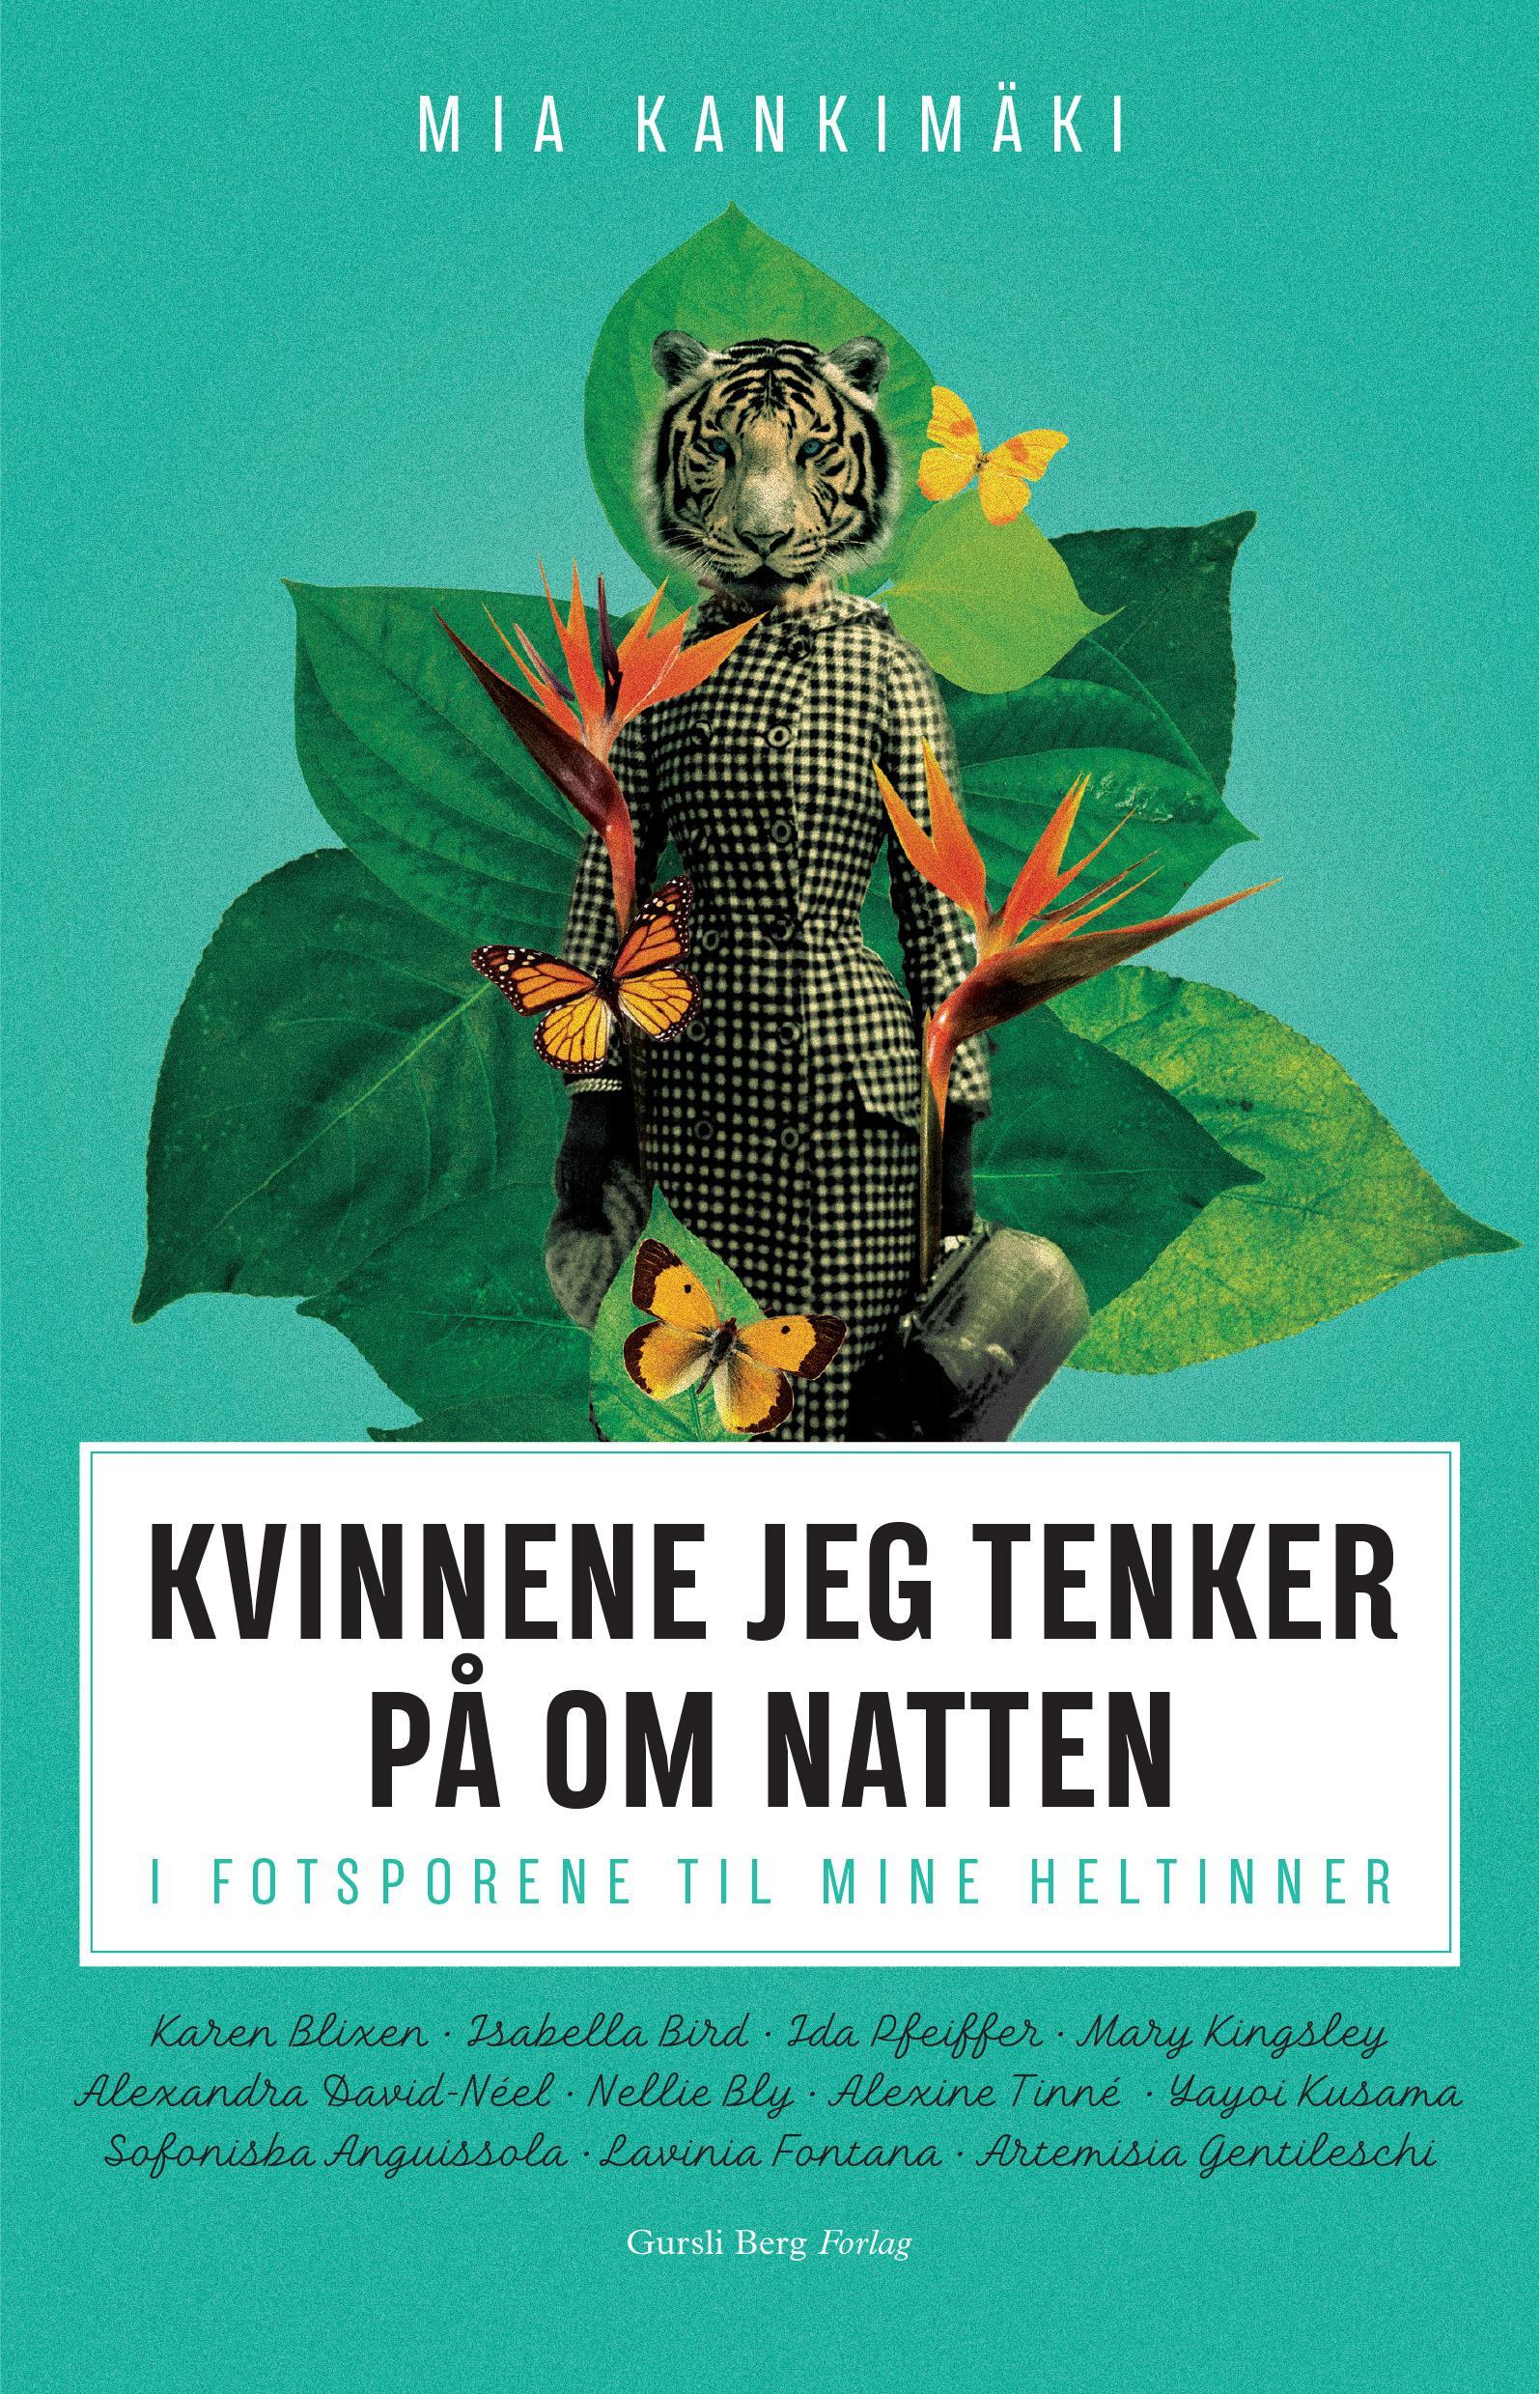 """""""Kvinnene jeg tenker på om natten - i fotsporene til mine heltinner"""" av Mia Kankimäki"""